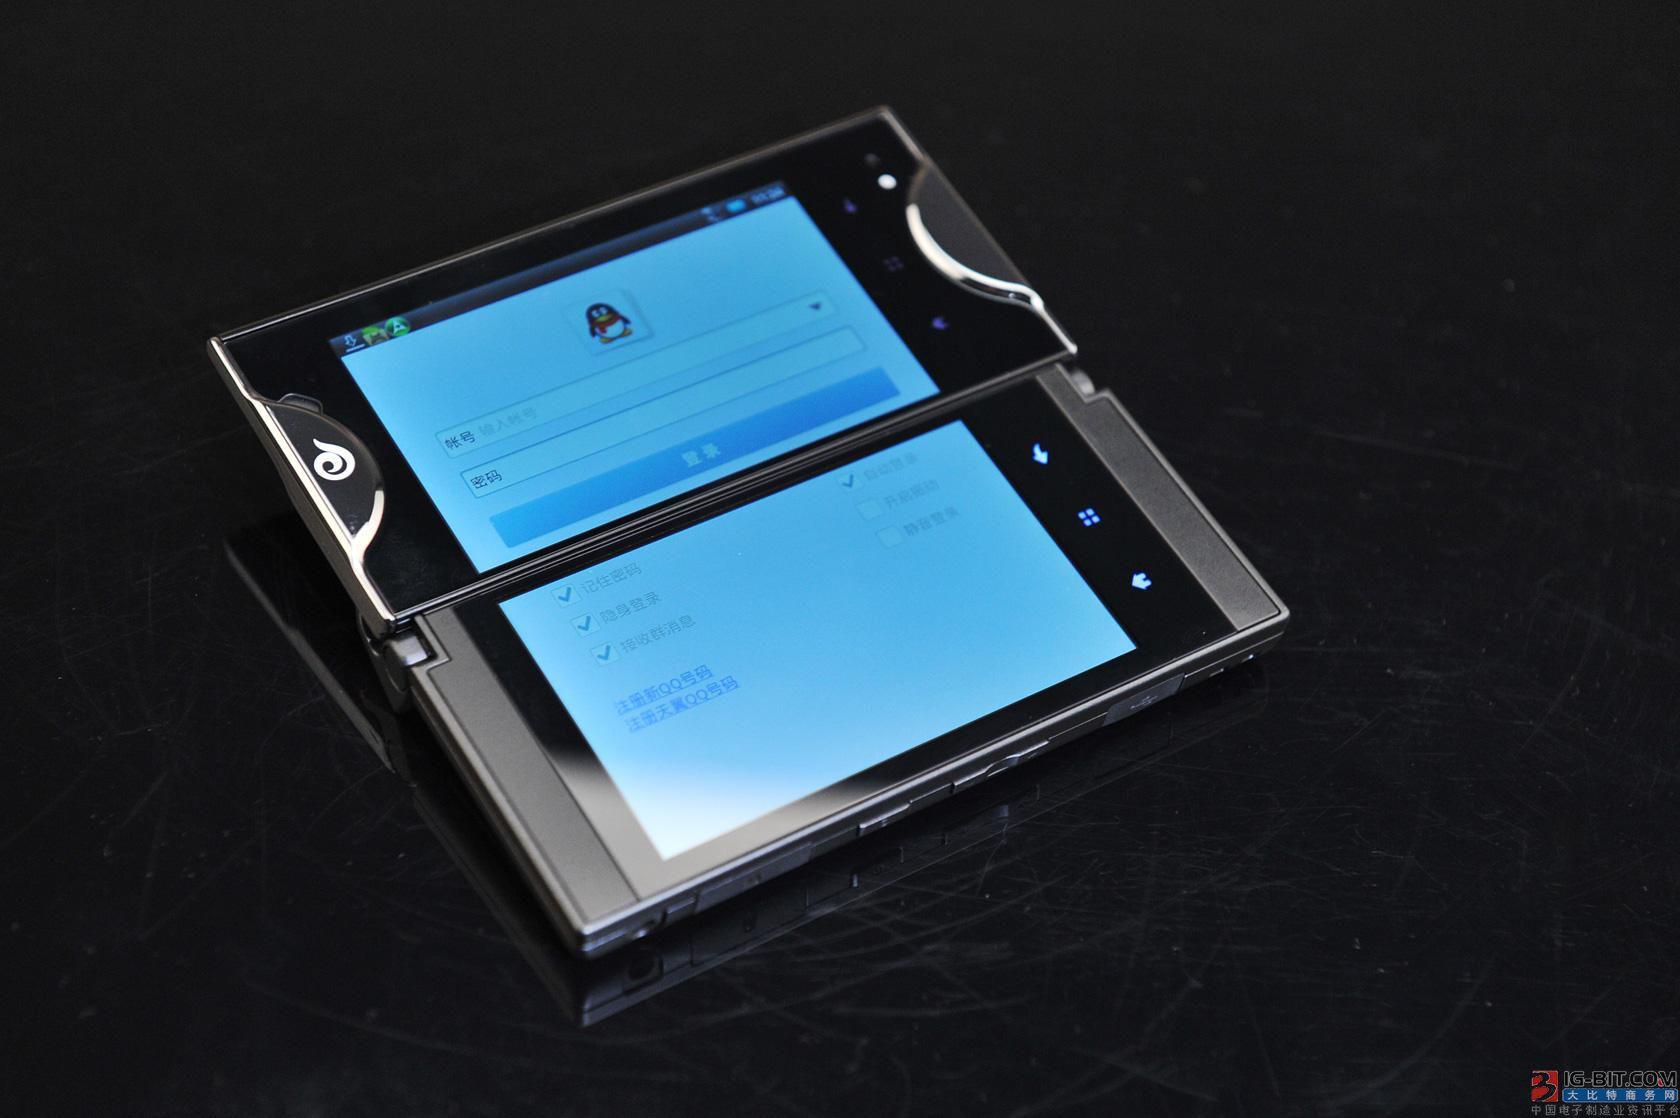 外挂双屏成新看点 非接触式连接器需加快步伐